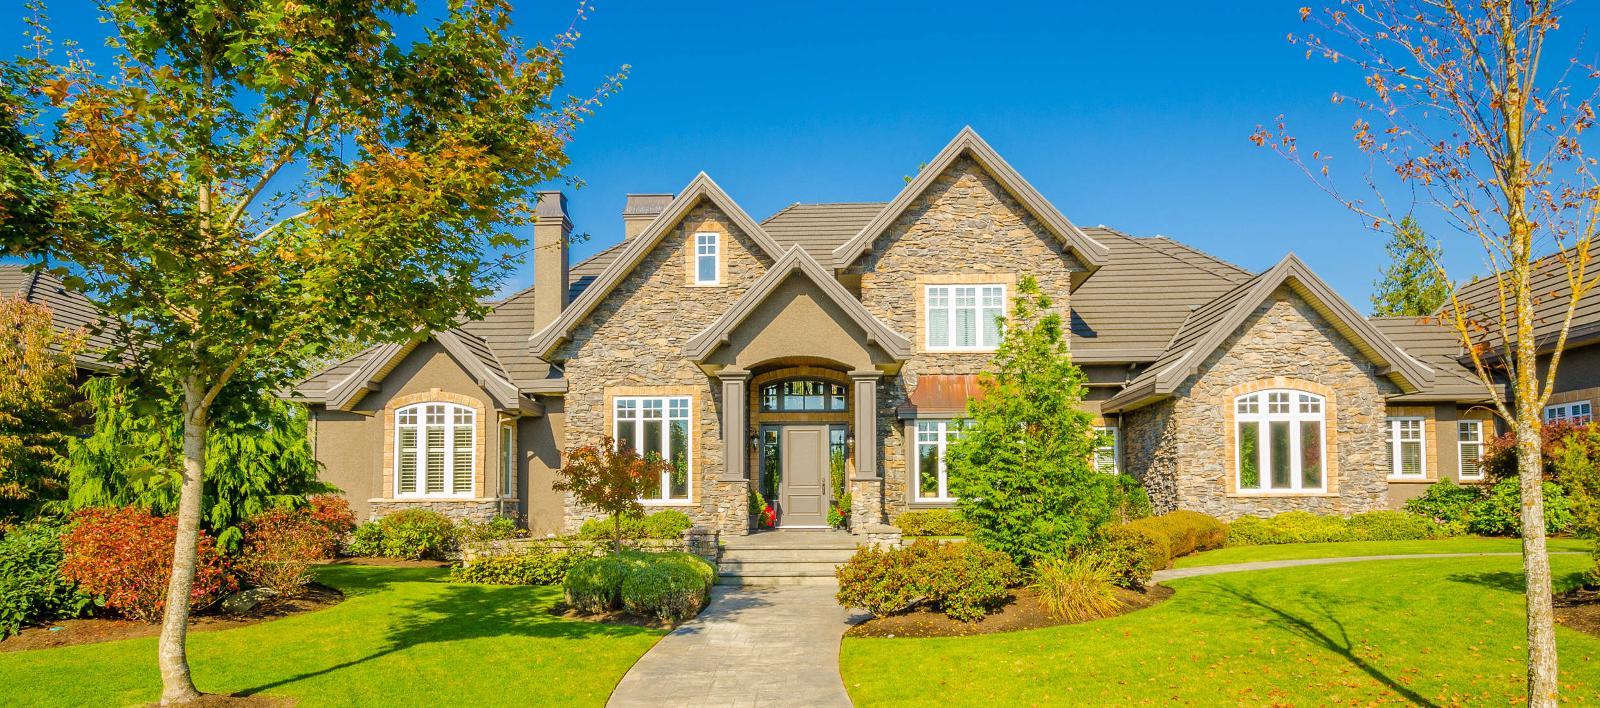 denver real estate denver homes for sale colorado 39 s finest